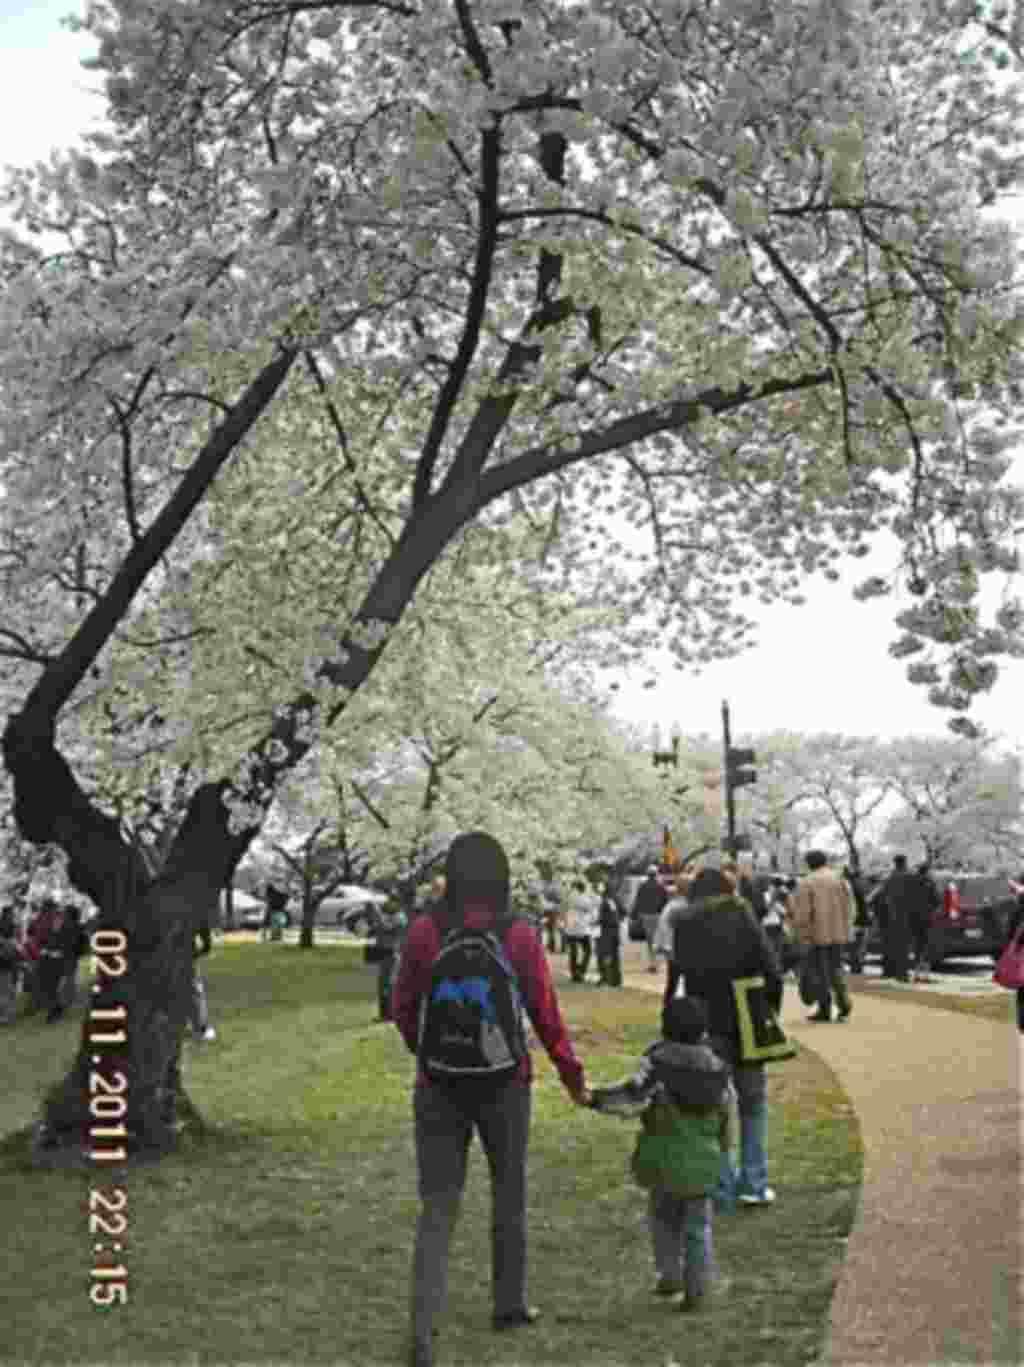 فستیوال شکوفه های گیلاس در واشنگتن ۲۰۱۱